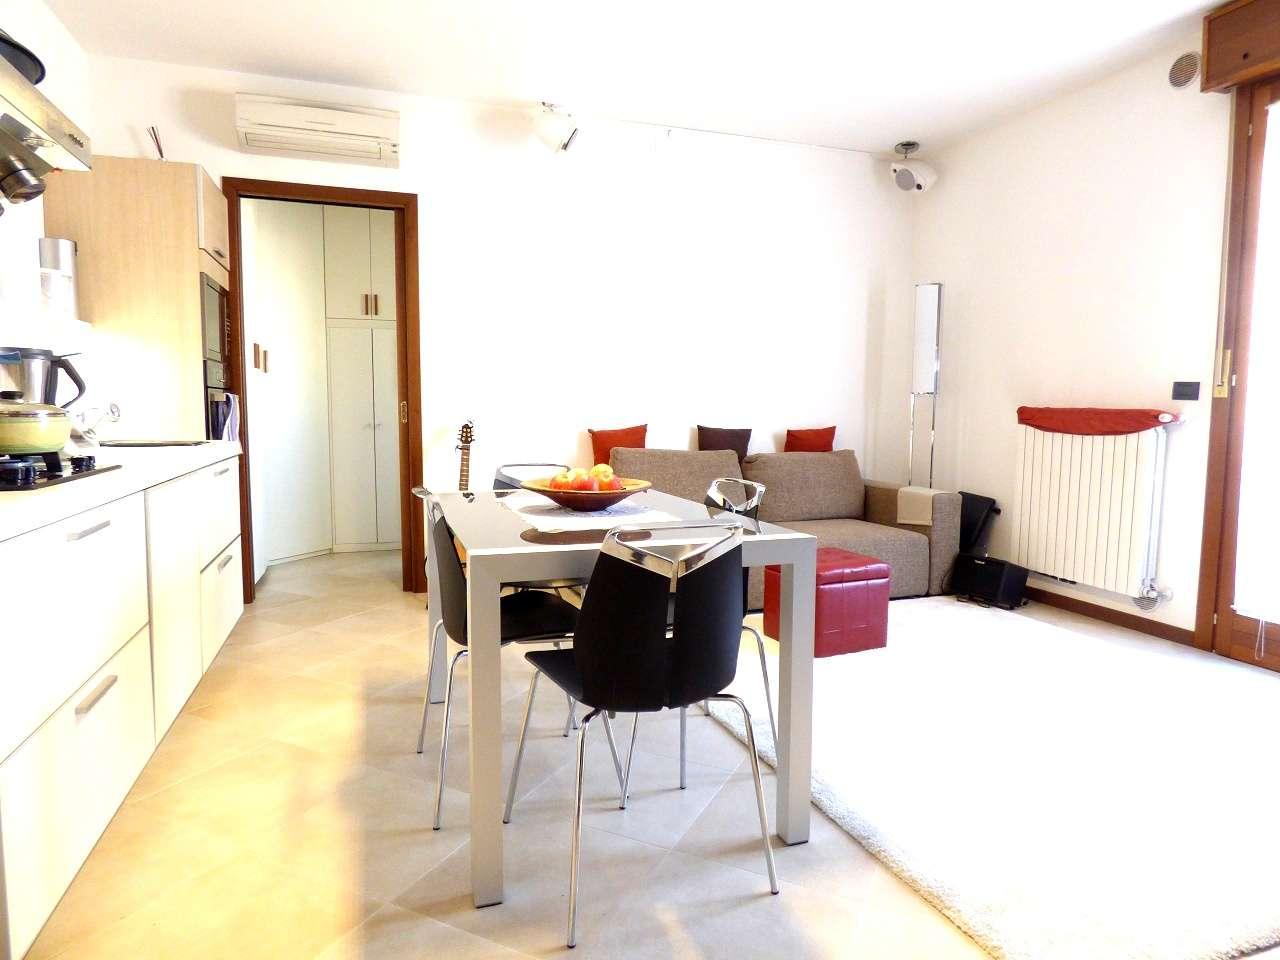 Appartamento in vendita a Mestrino, 3 locali, prezzo € 110.000 | Cambio Casa.it